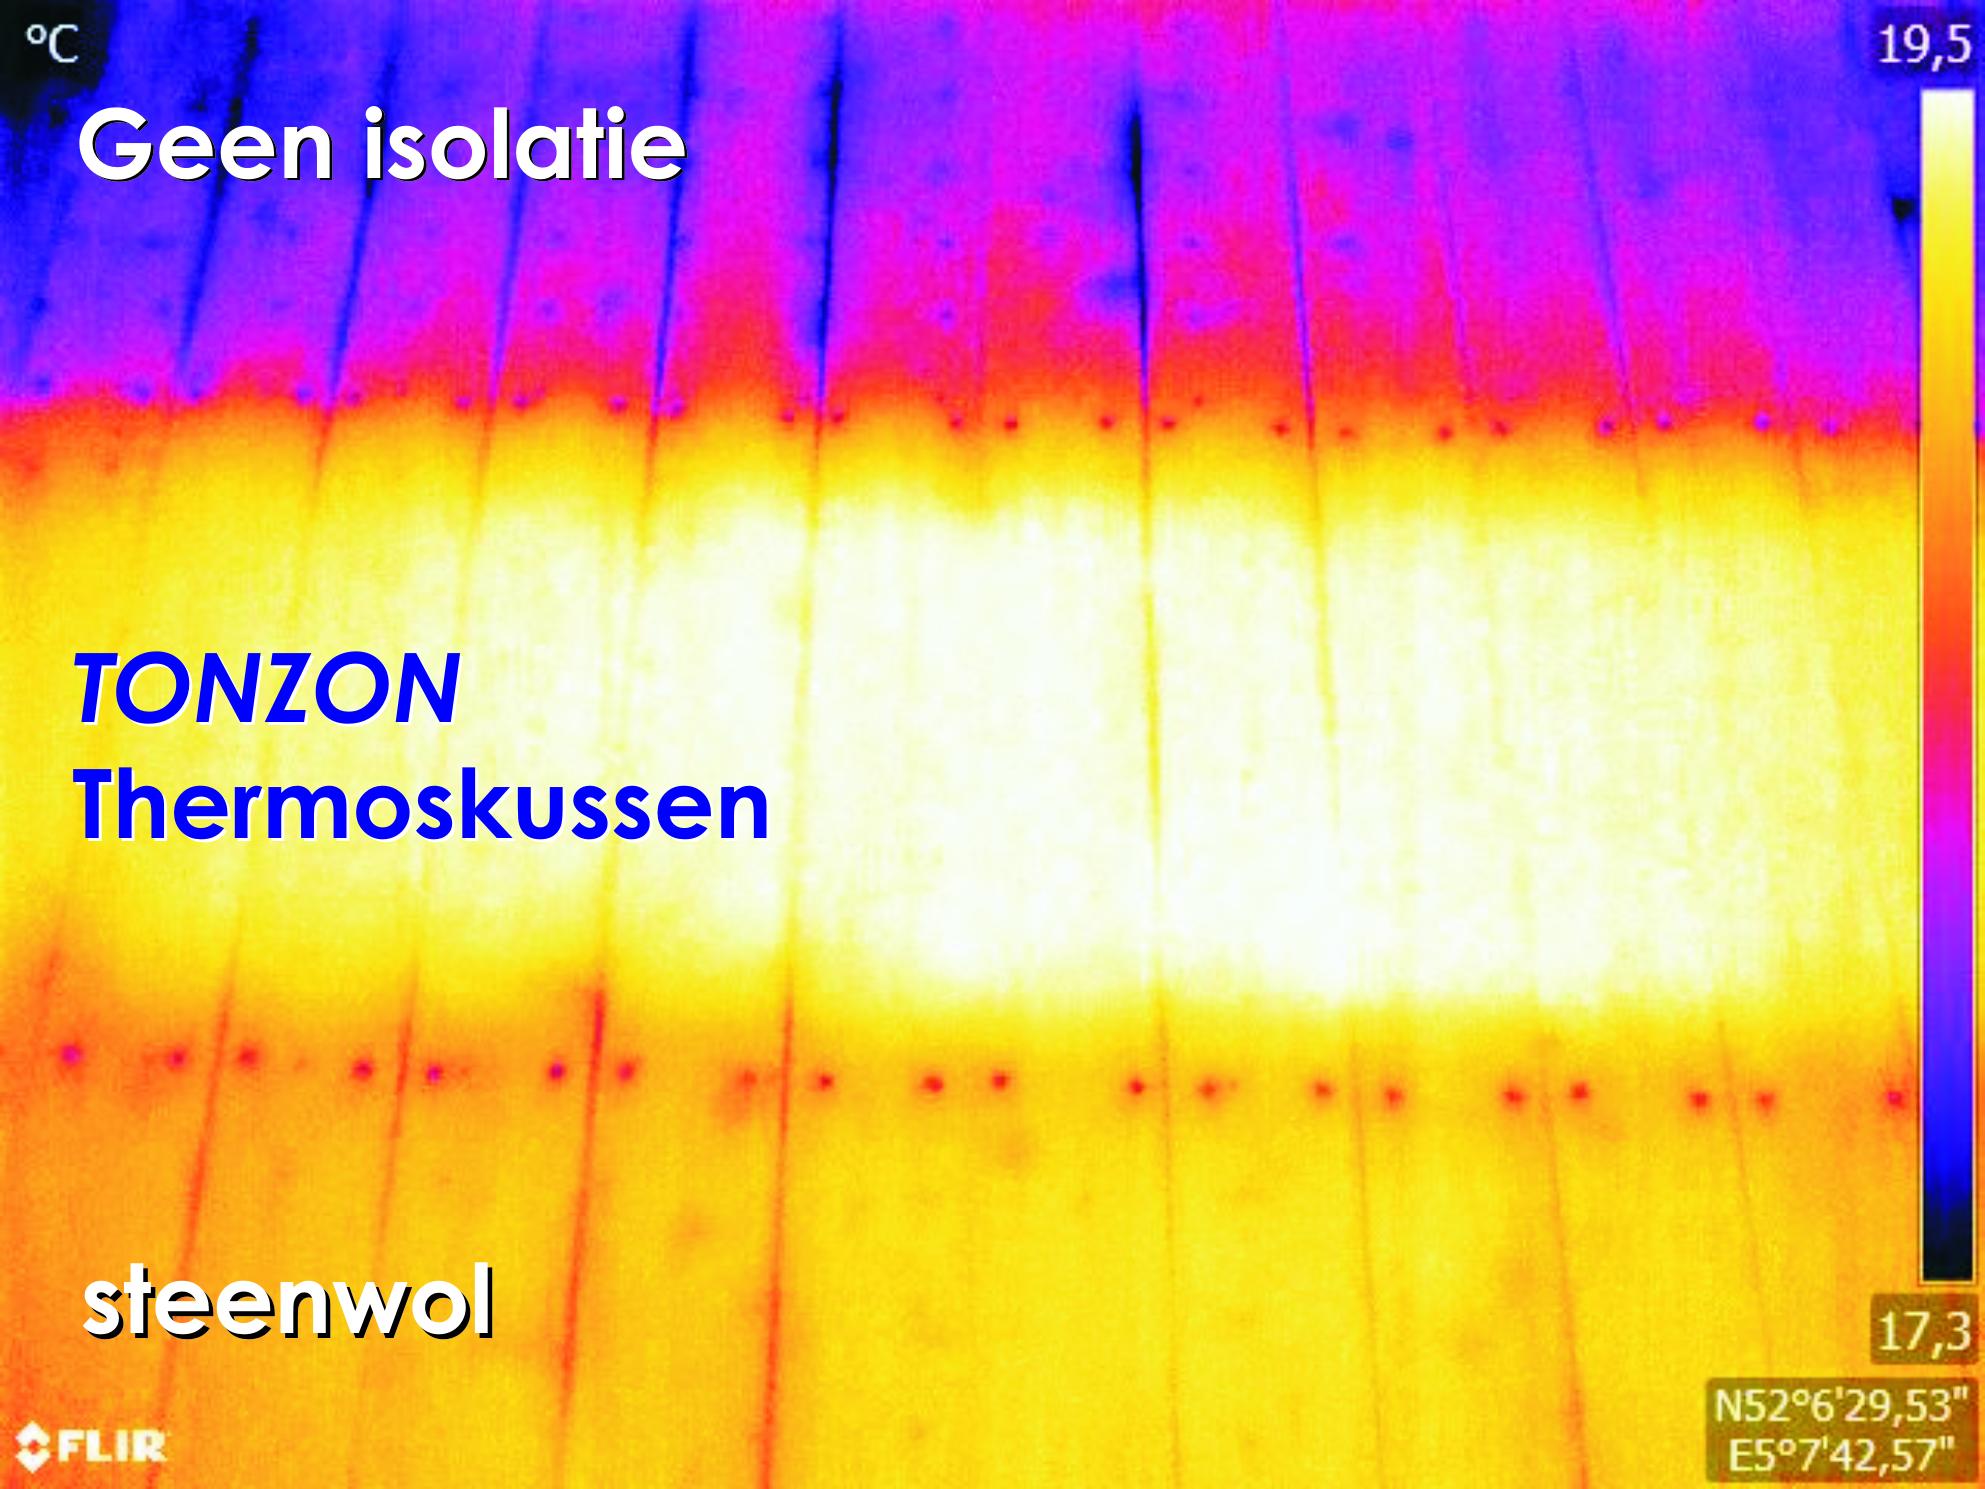 Tonzon test